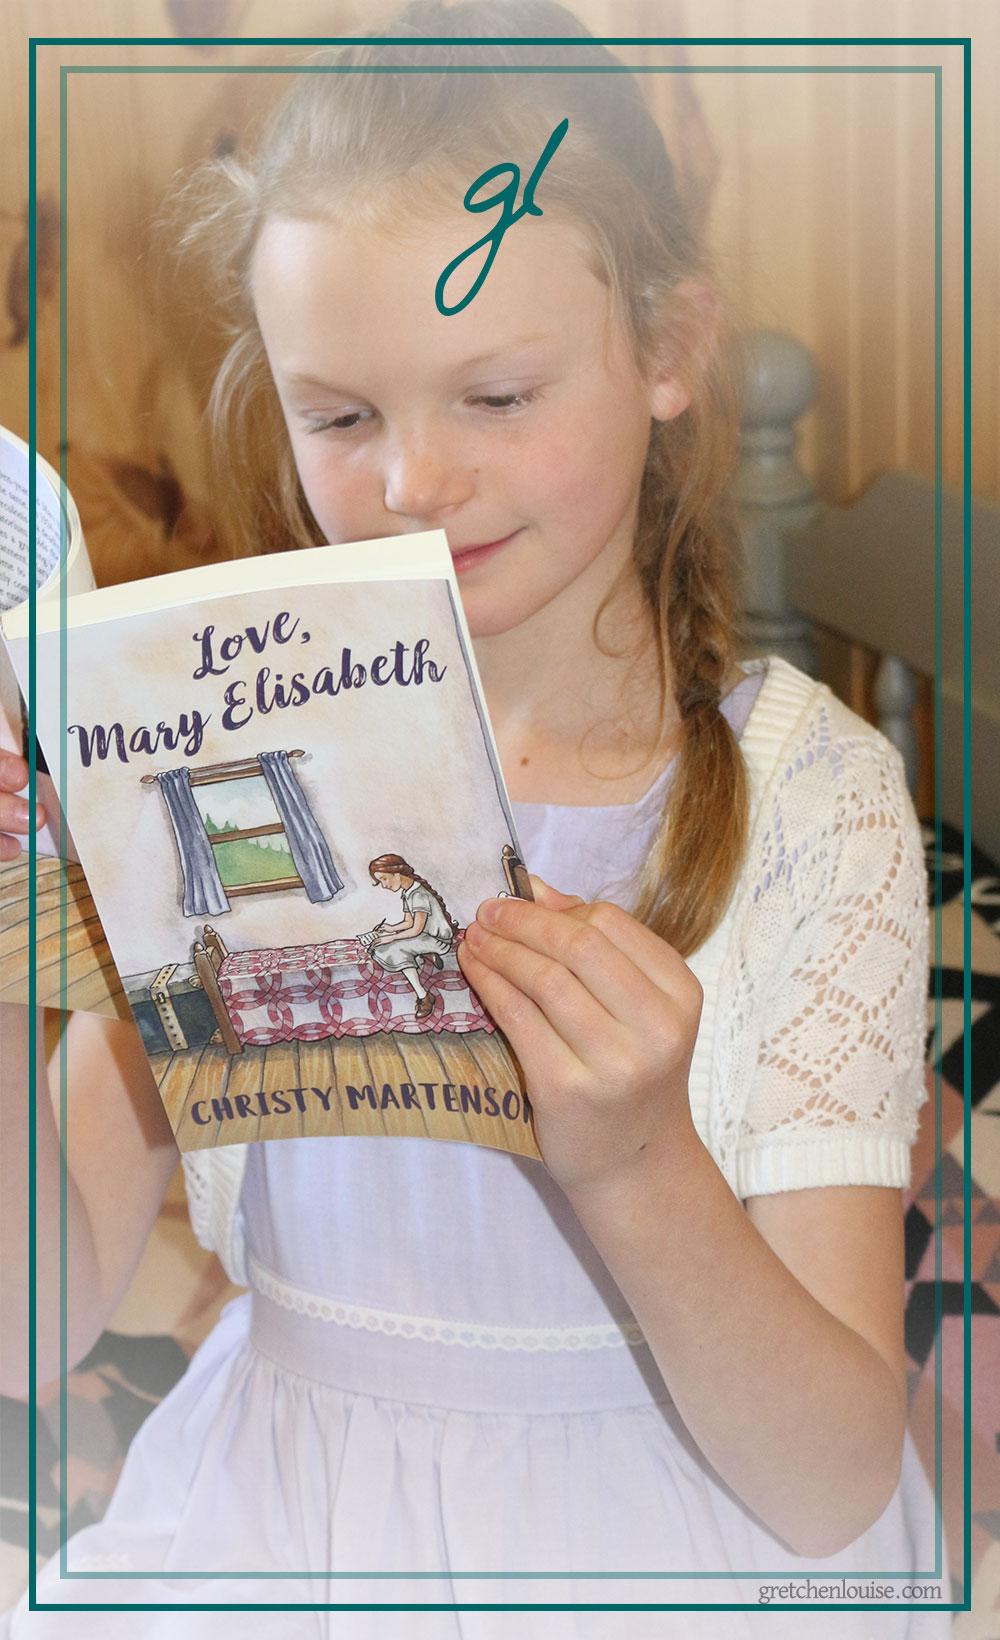 <em>Love, Mary Elisabeth</em>: a delightful read for all ages via @GretLouise